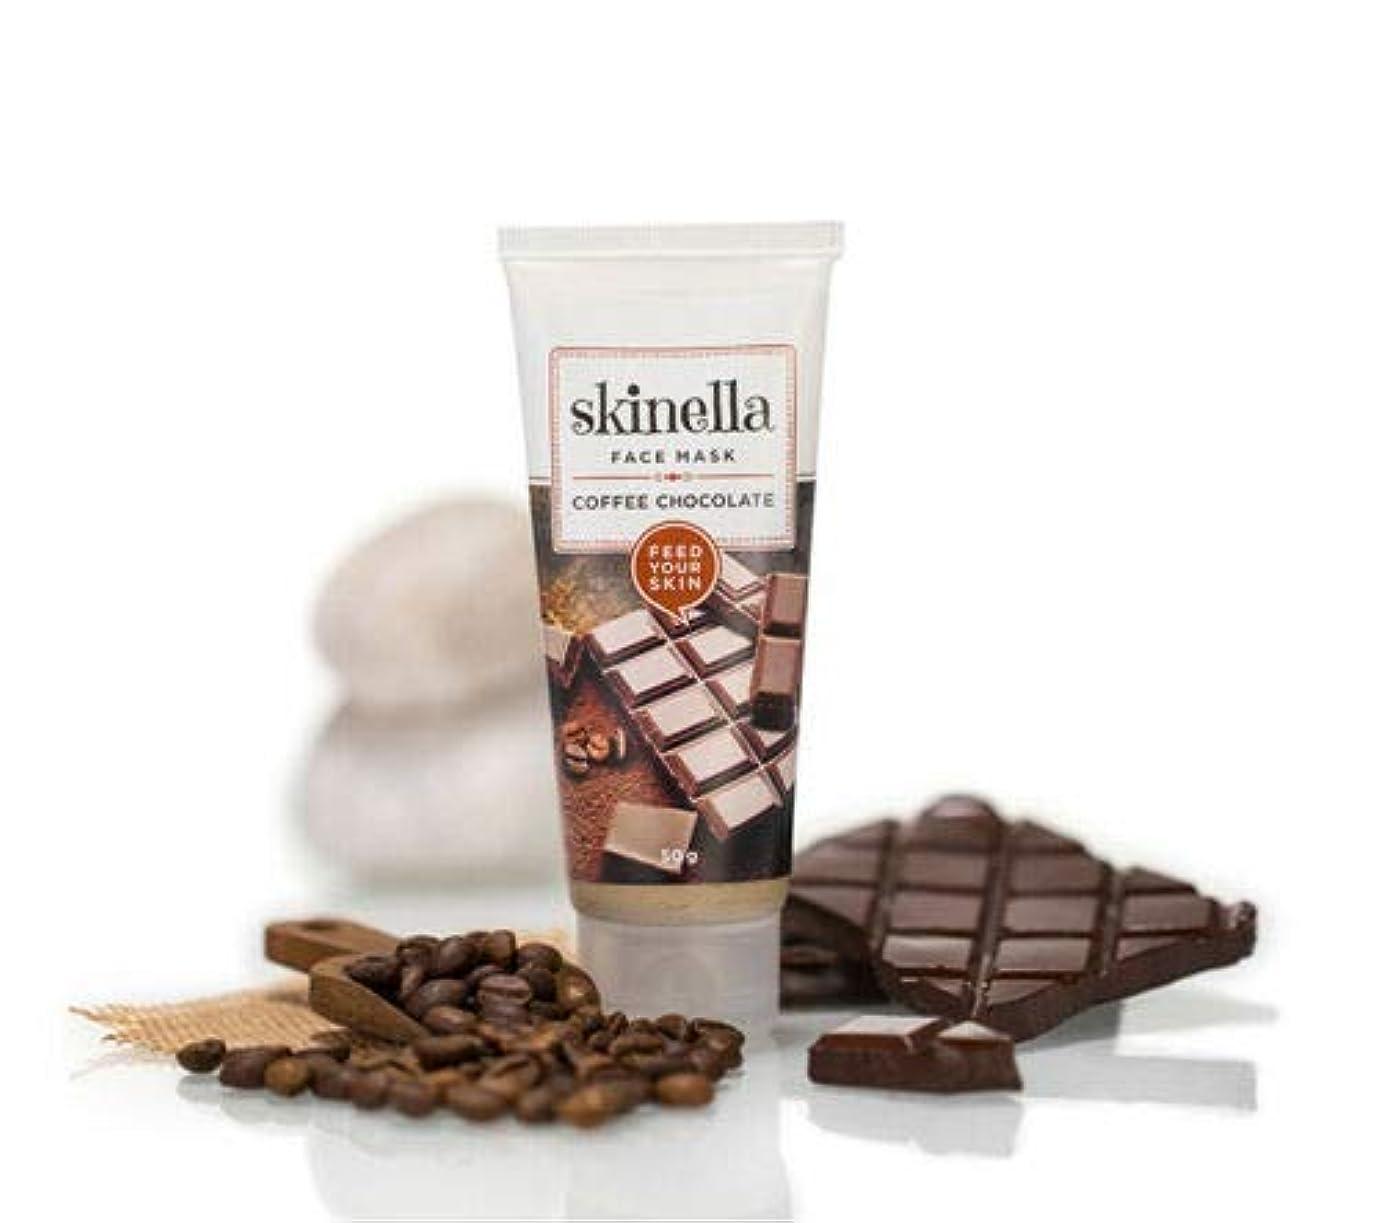 スタジオ脱臼するパイントSkinella Coffee Chocolate Face Mask 50g for a hydrated and rejuvenated look Skinellaコーヒーチョコレートフェイスマスク50g